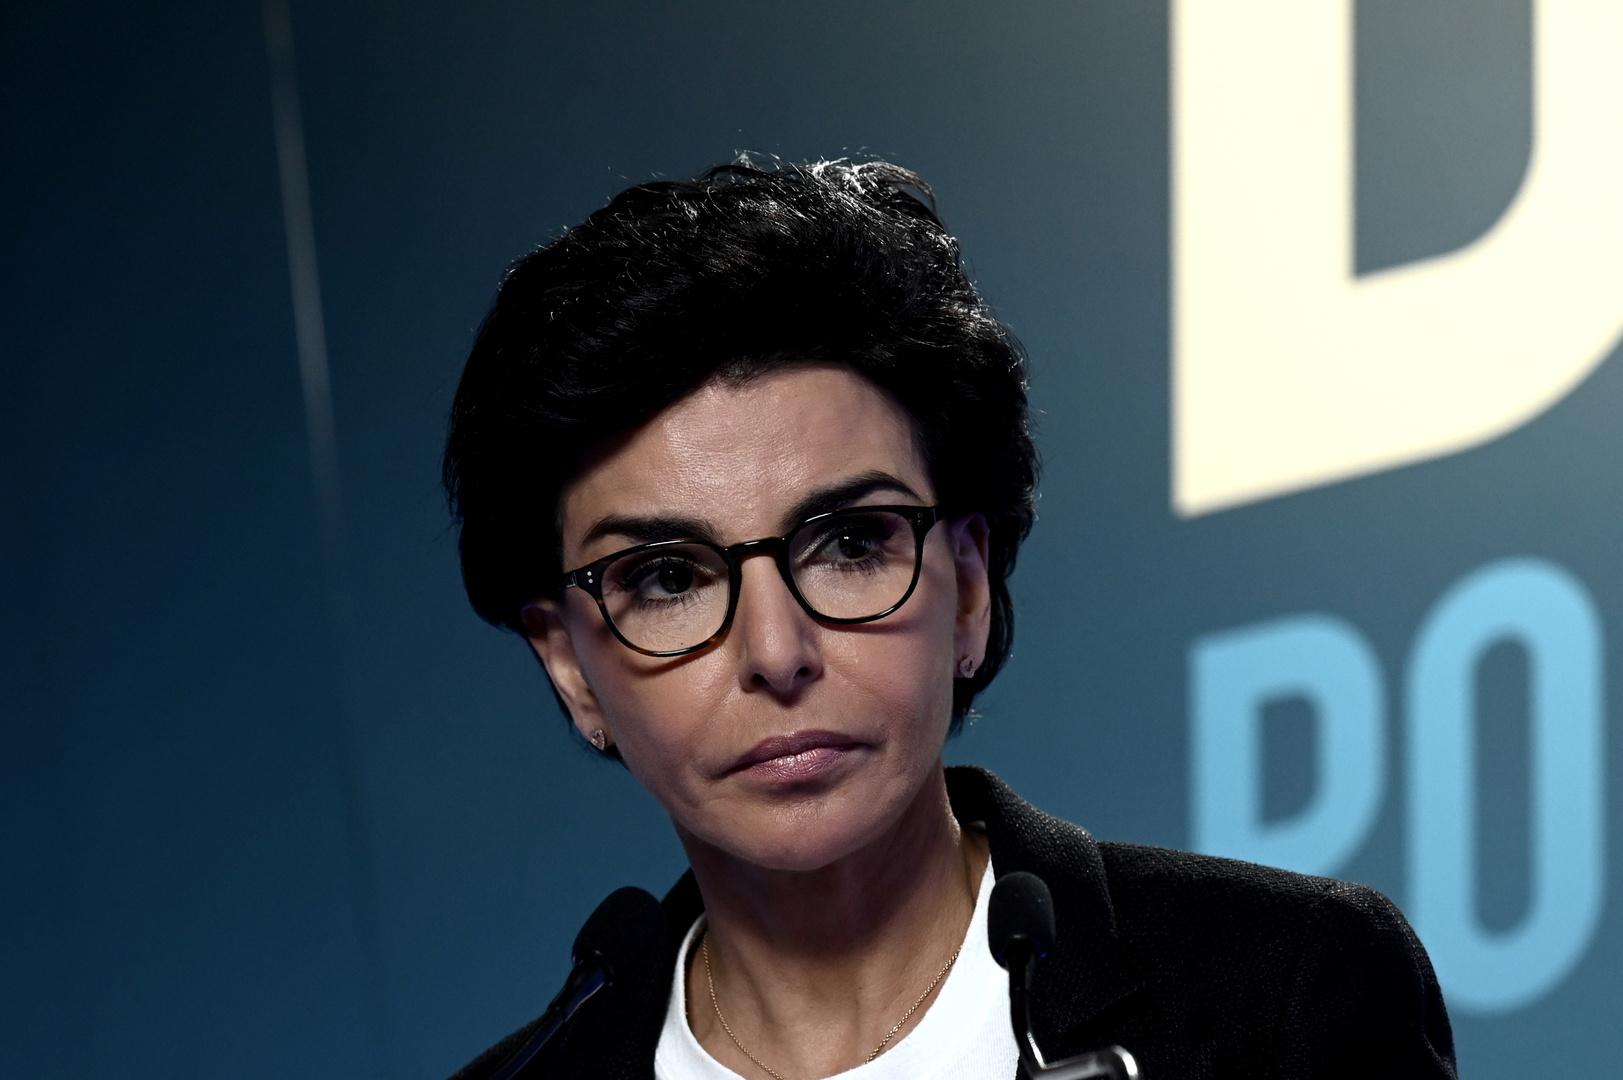 توجيه تهمة الفساد إلى وزيرة العدل الفرنسية السابقة رشيدة داتي